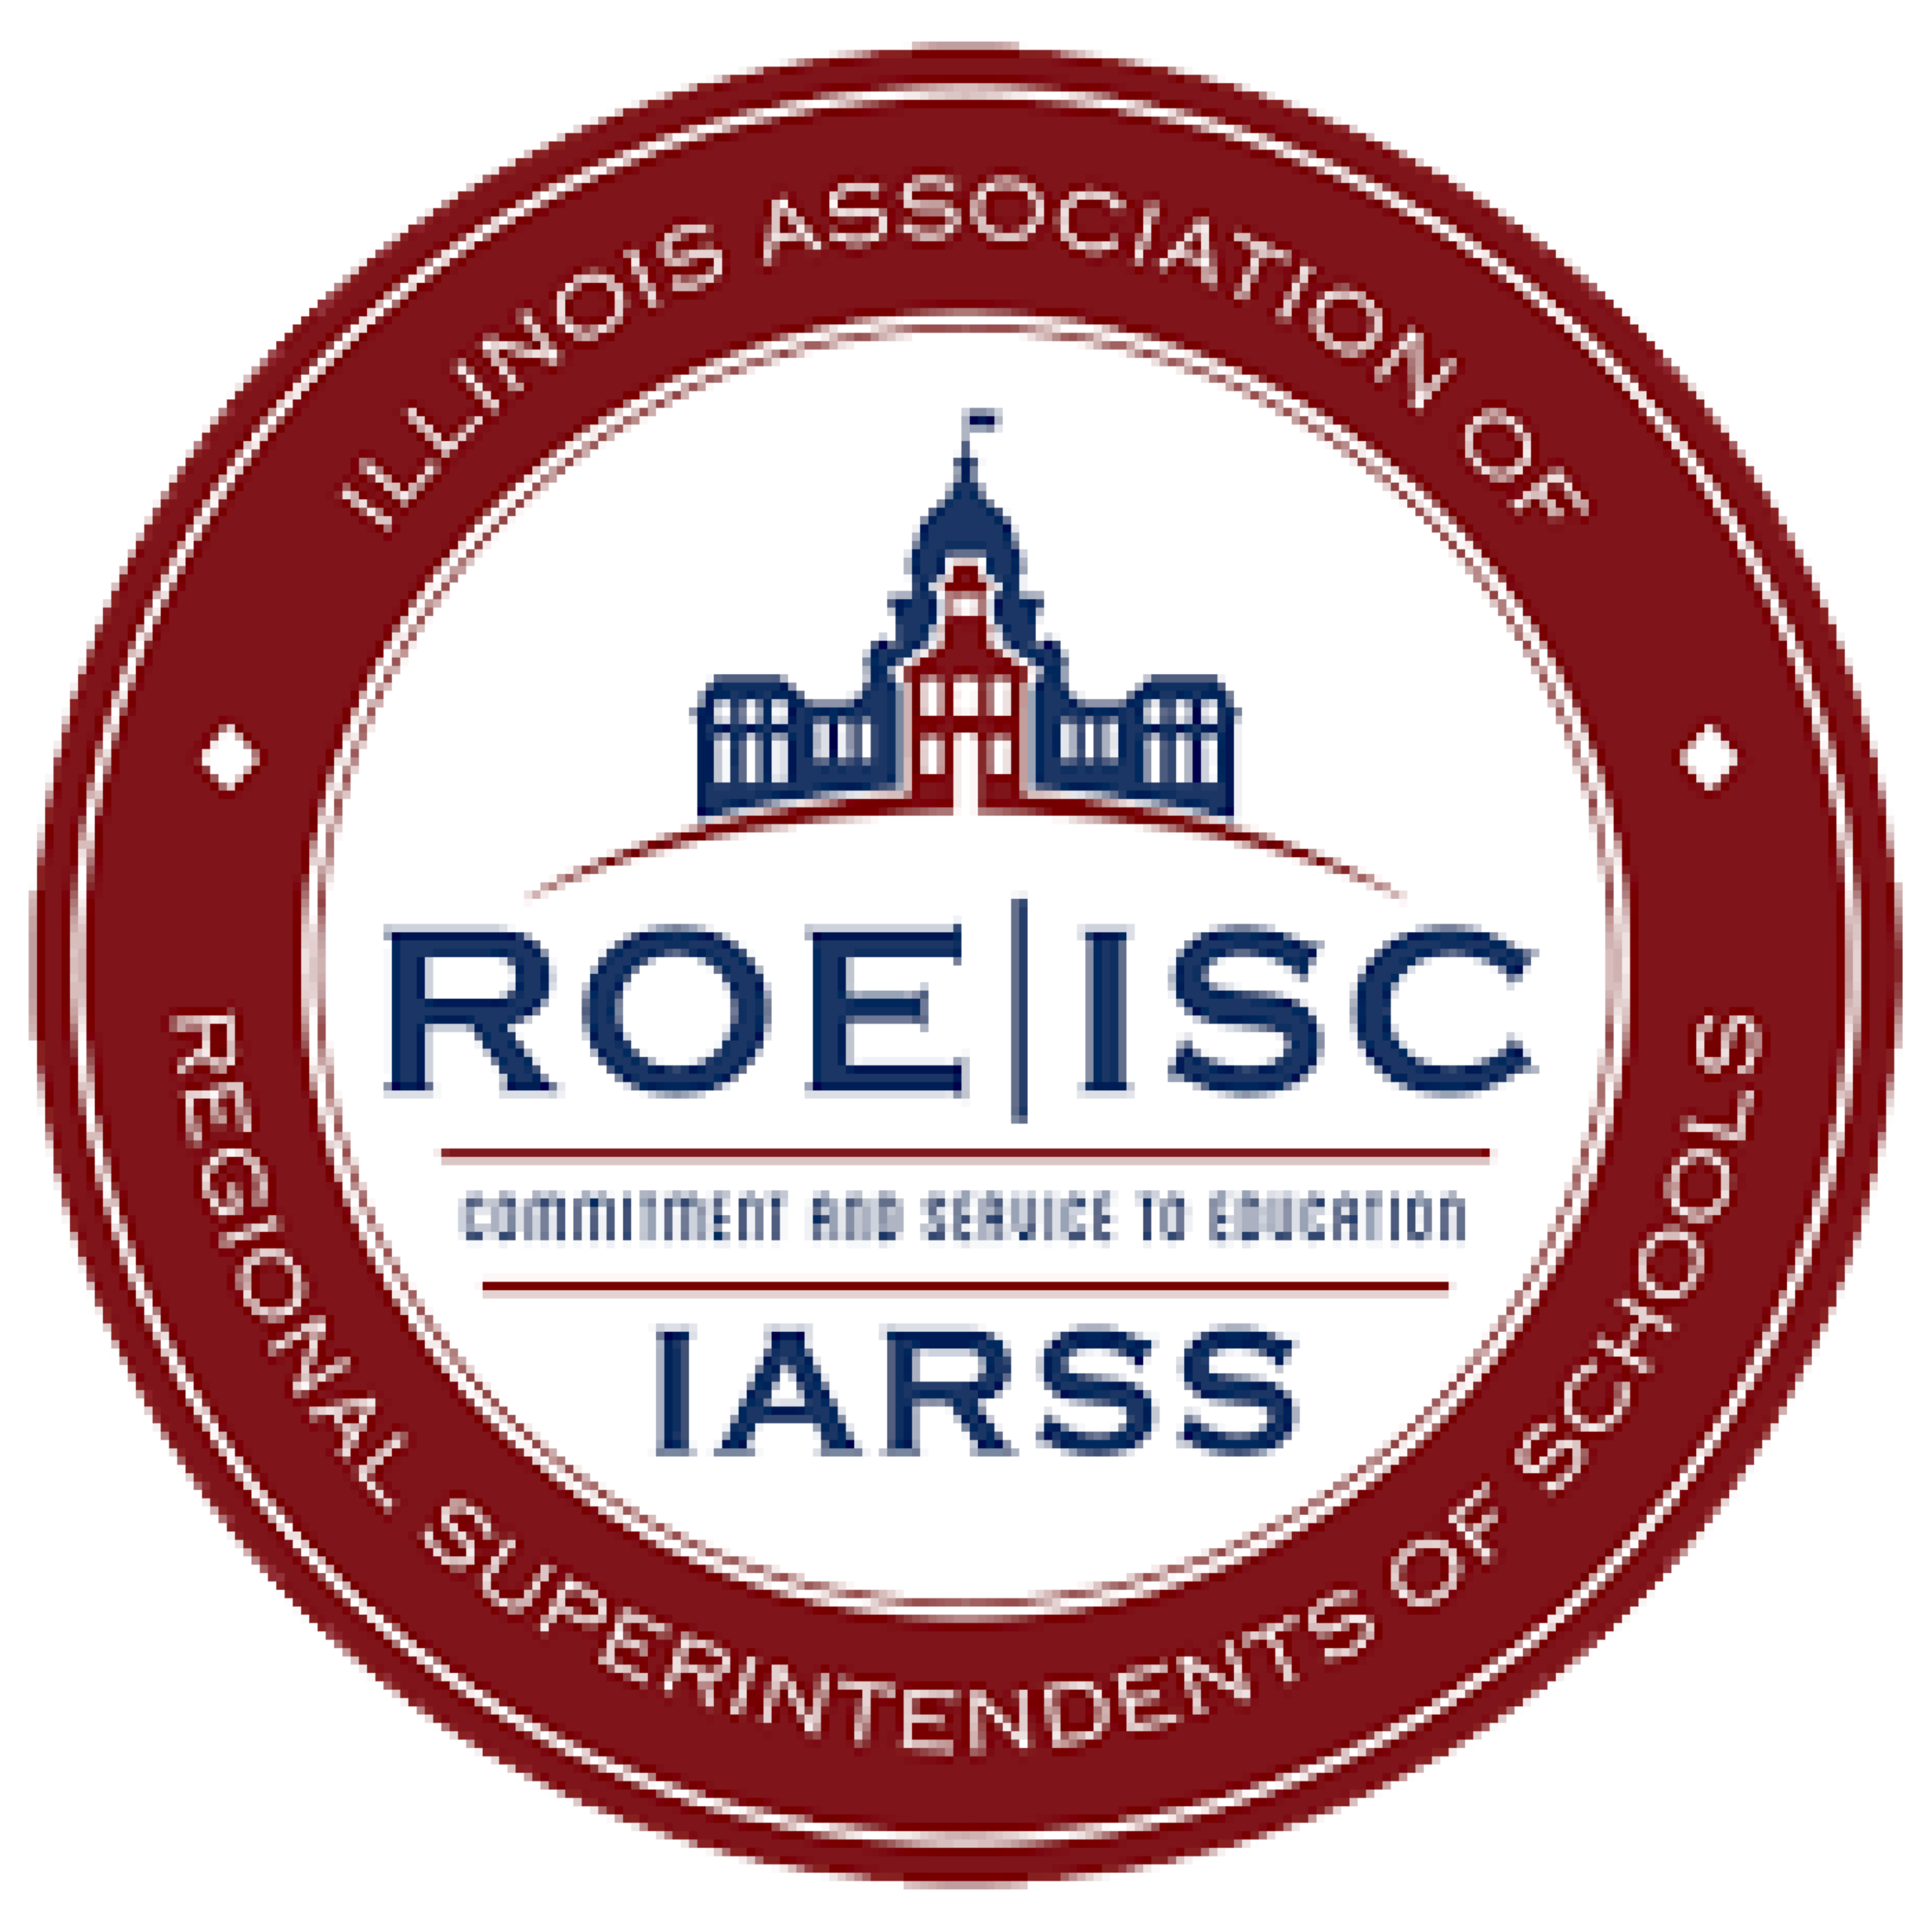 ROE ISC logo